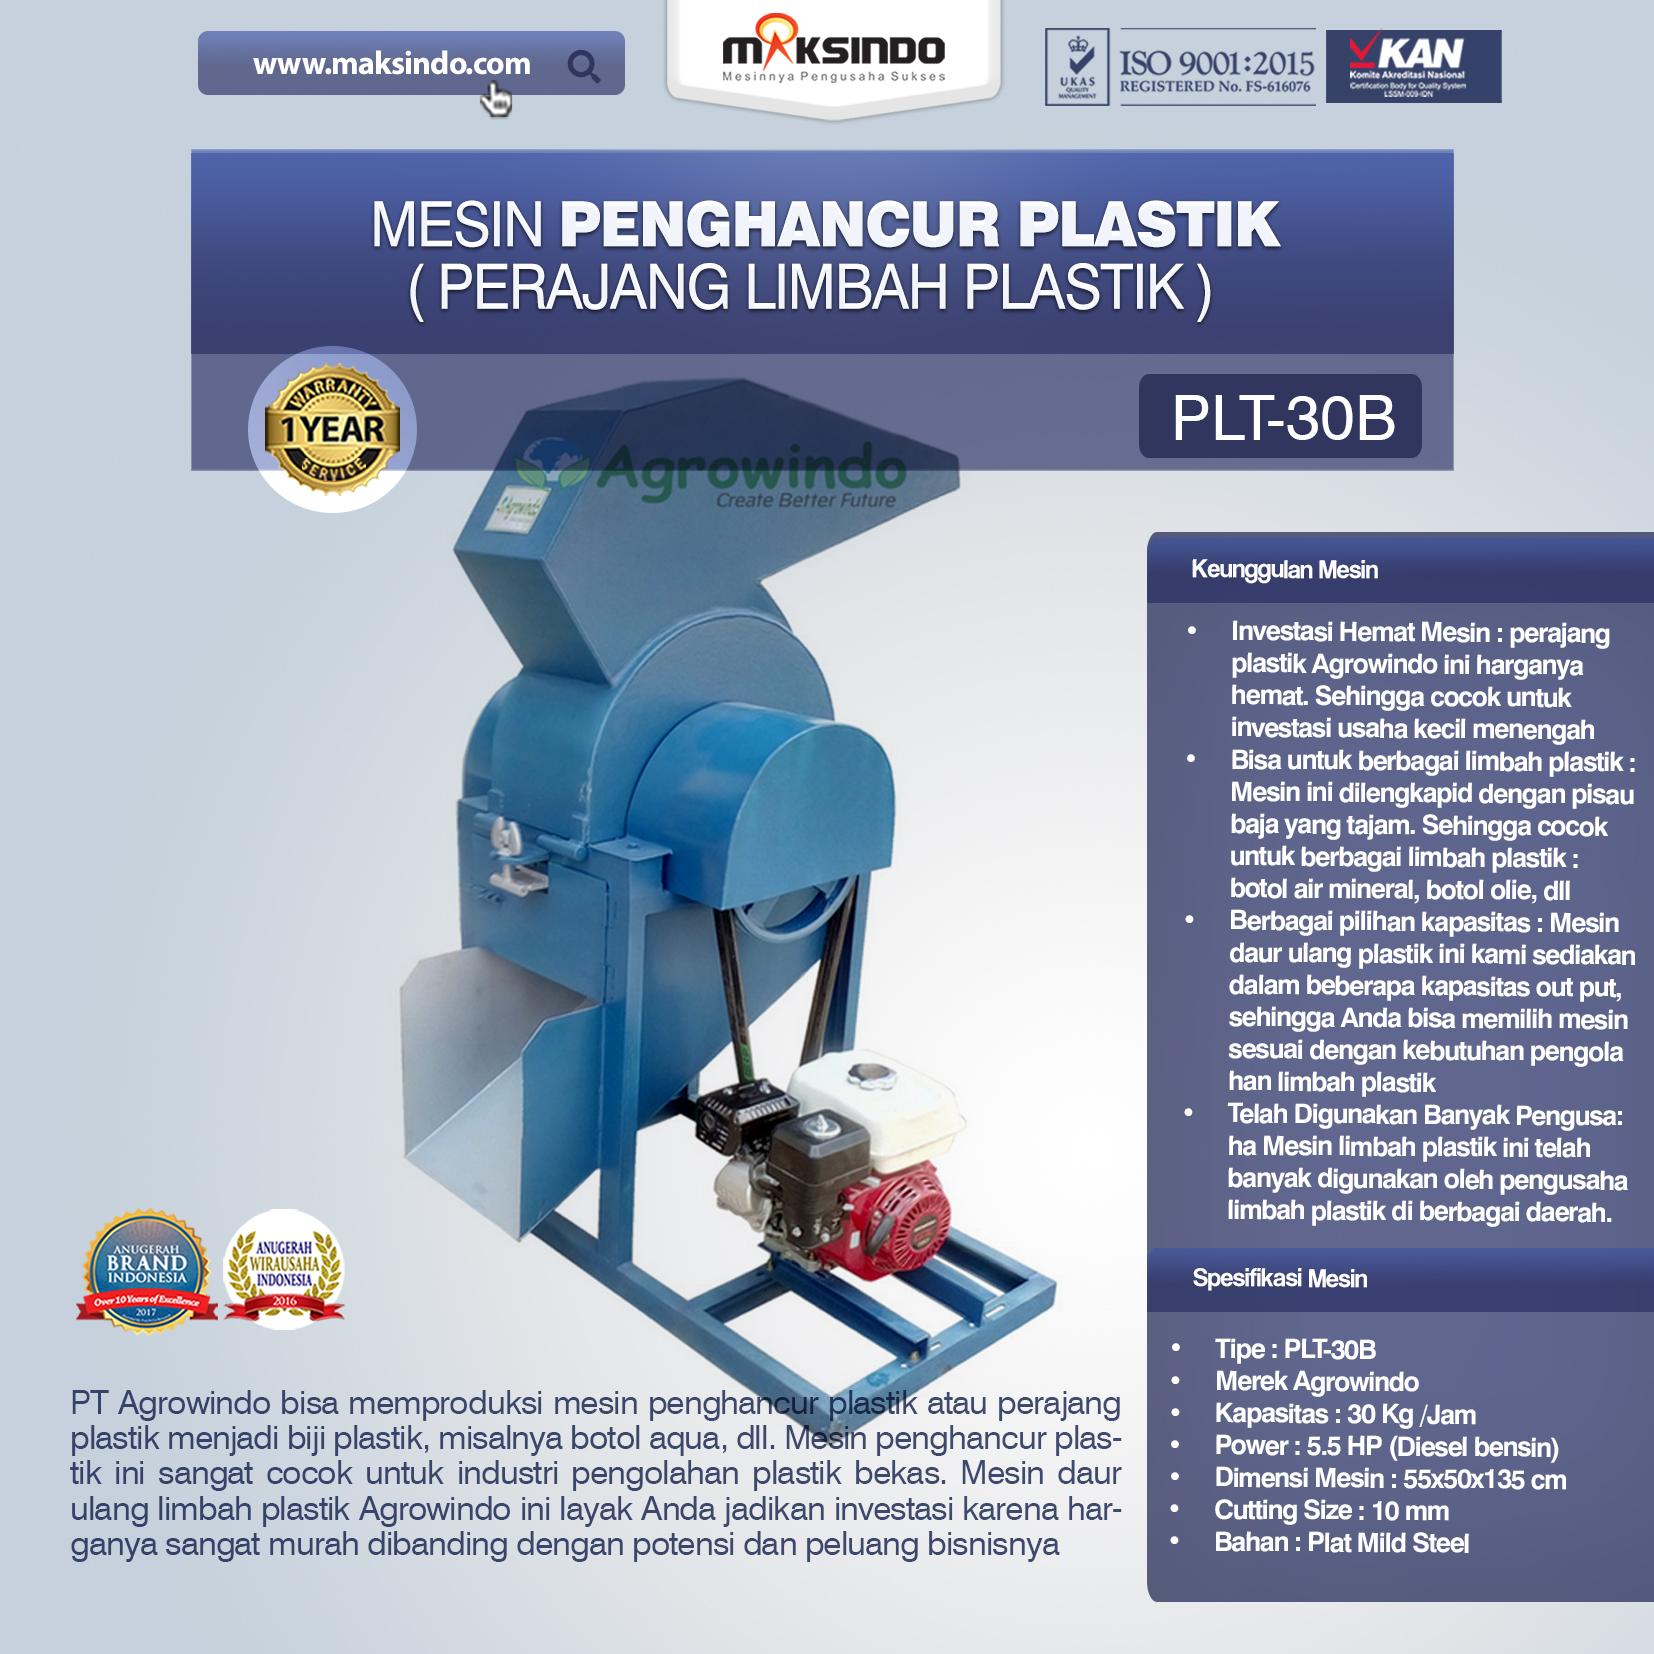 Jual Mesin Penghancur Plastik di Denpasar, Bali